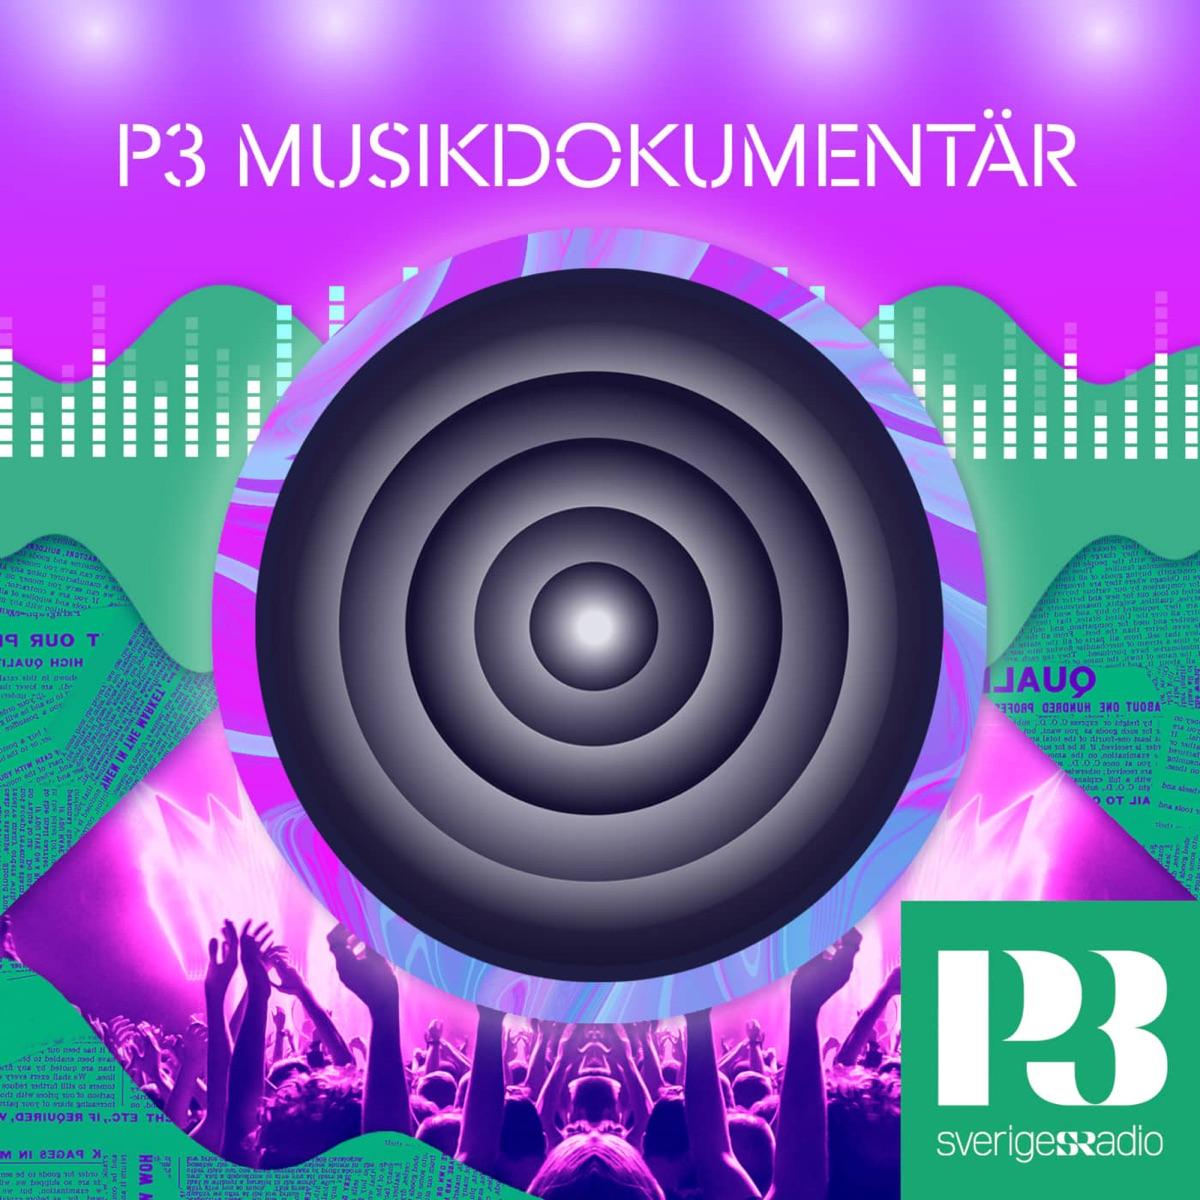 P3 Musikdokumentär